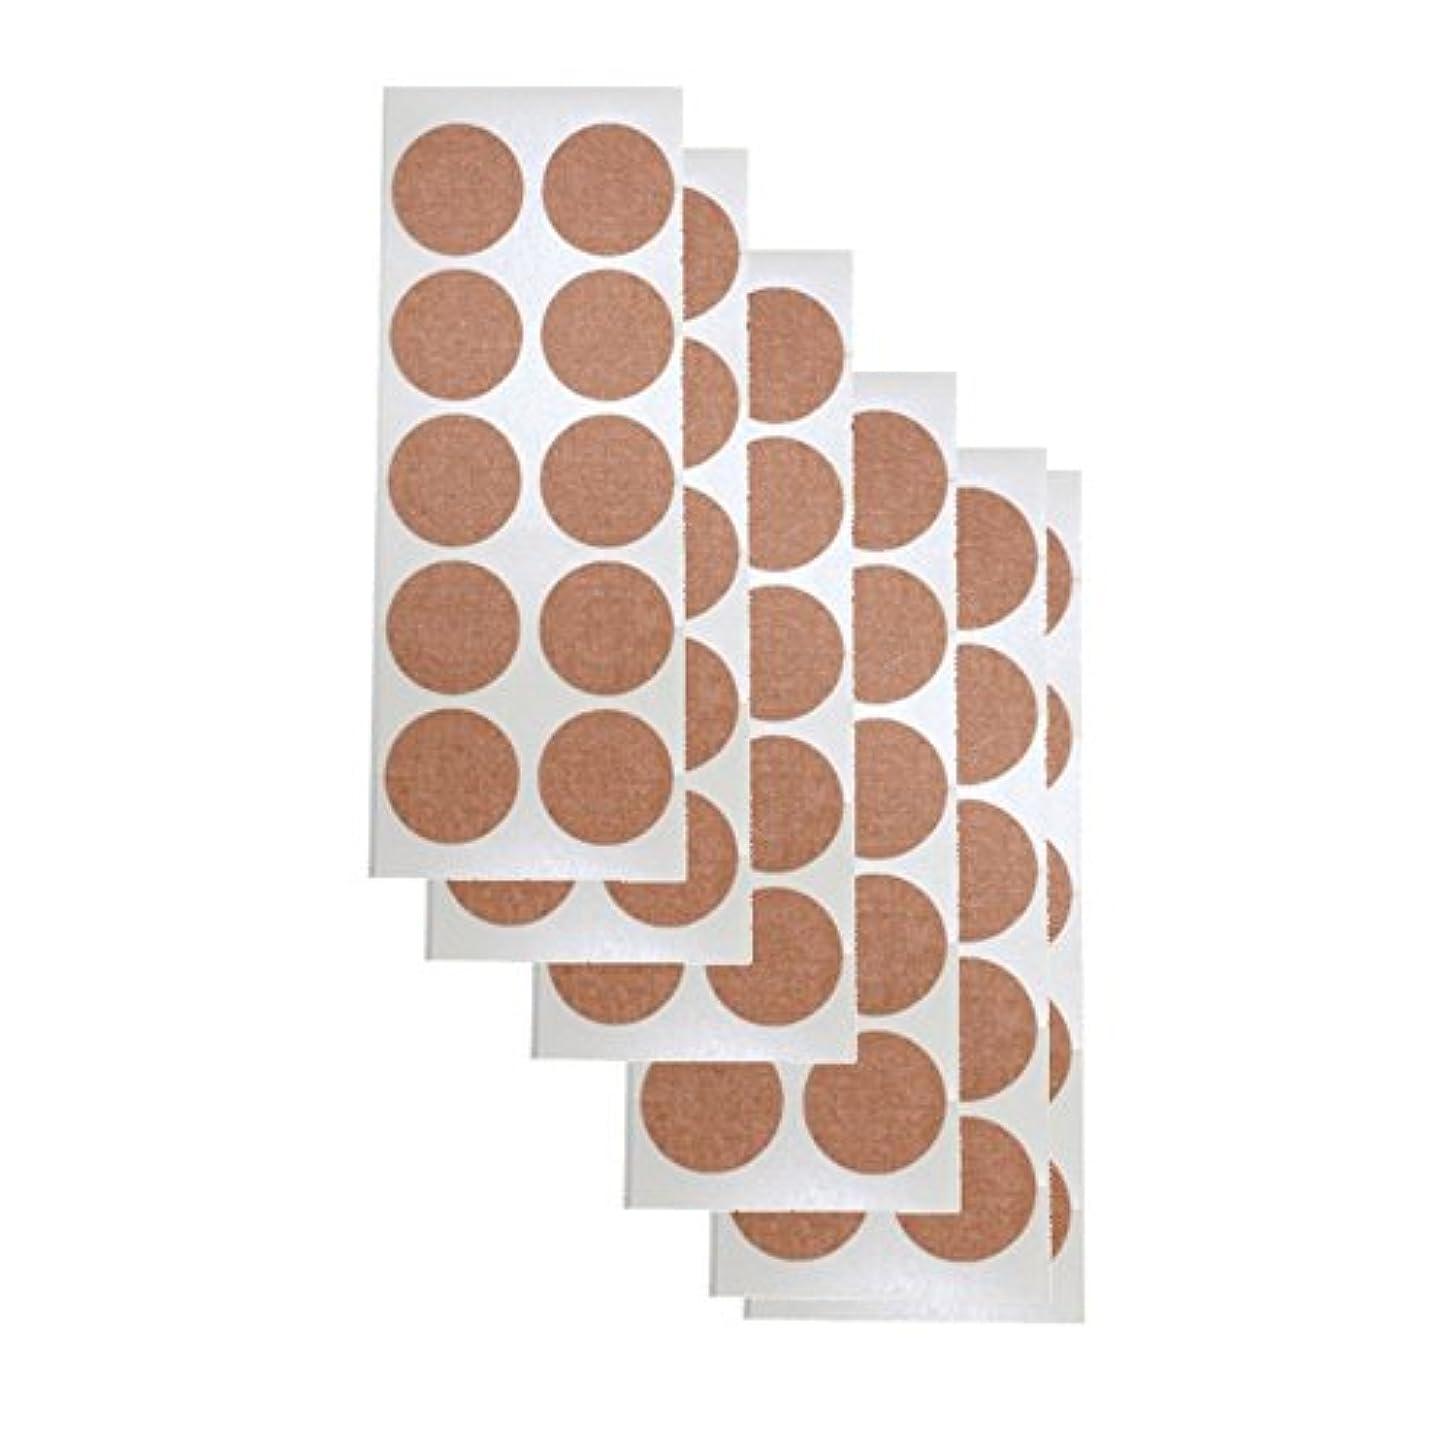 ブルジョン中断明示的にTQチップ 貼り替え用専用シール 効果は半永久的!貼っただけで心身のバランスがとれるTQチップ専用